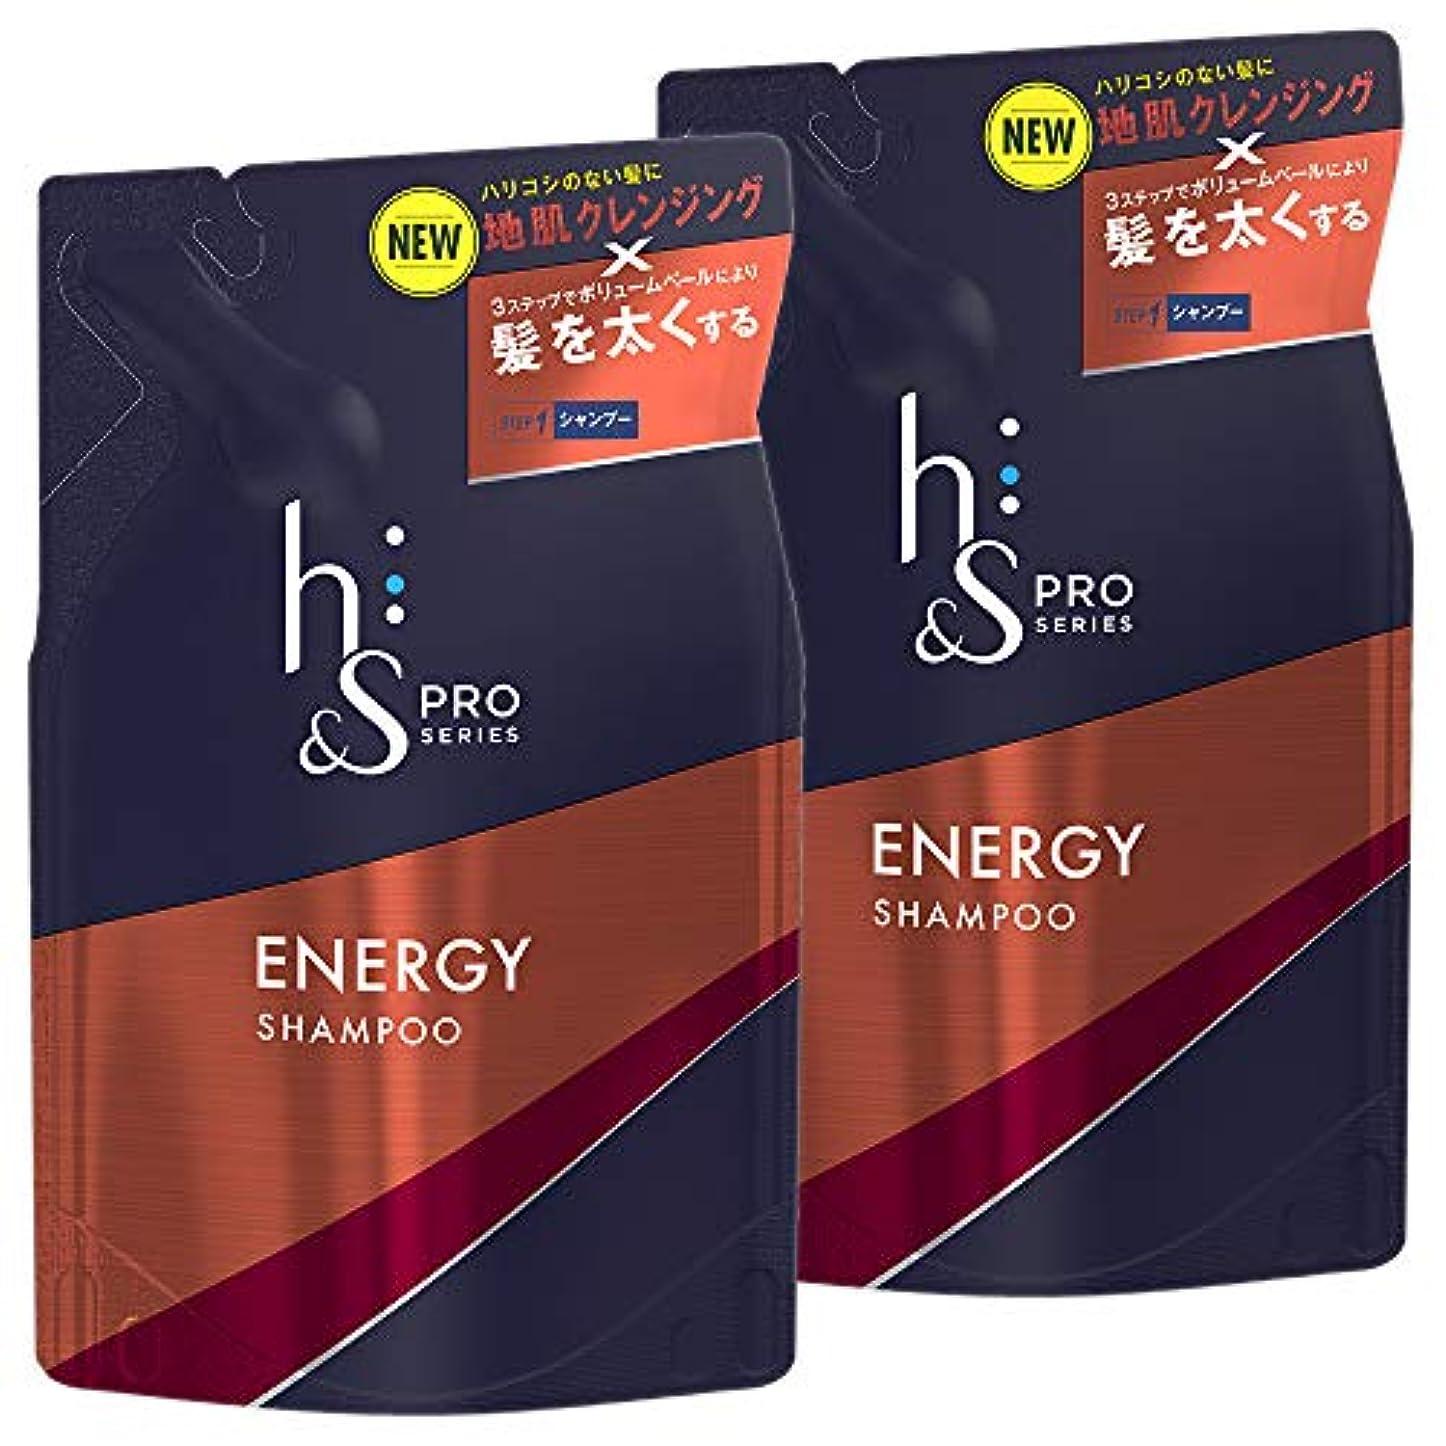 部分的に死ぬインフルエンザ【まとめ買い】 h&s for men シャンプー PRO Series エナジー 詰め替え 300mL×2個